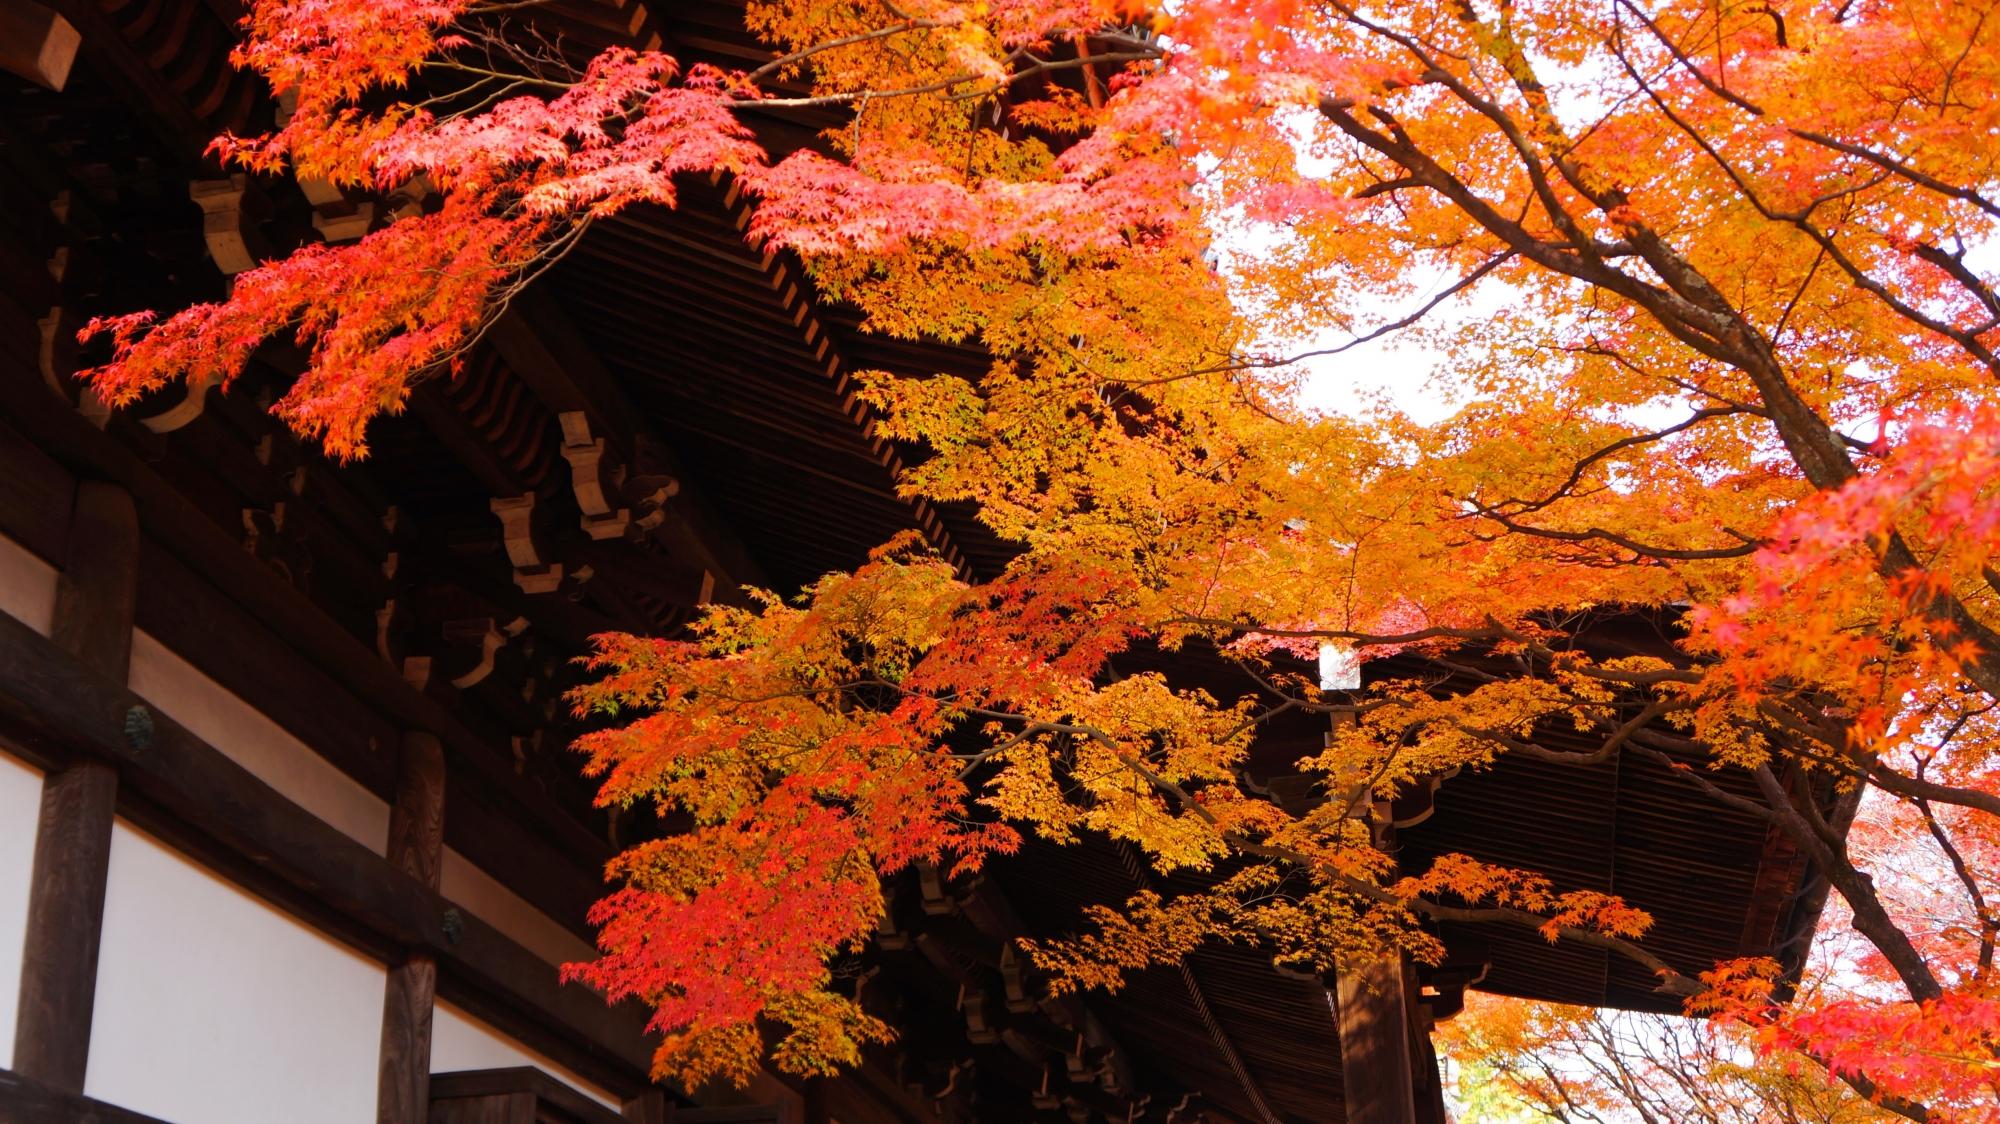 淡く暖かな秋色につつまれた本堂裏